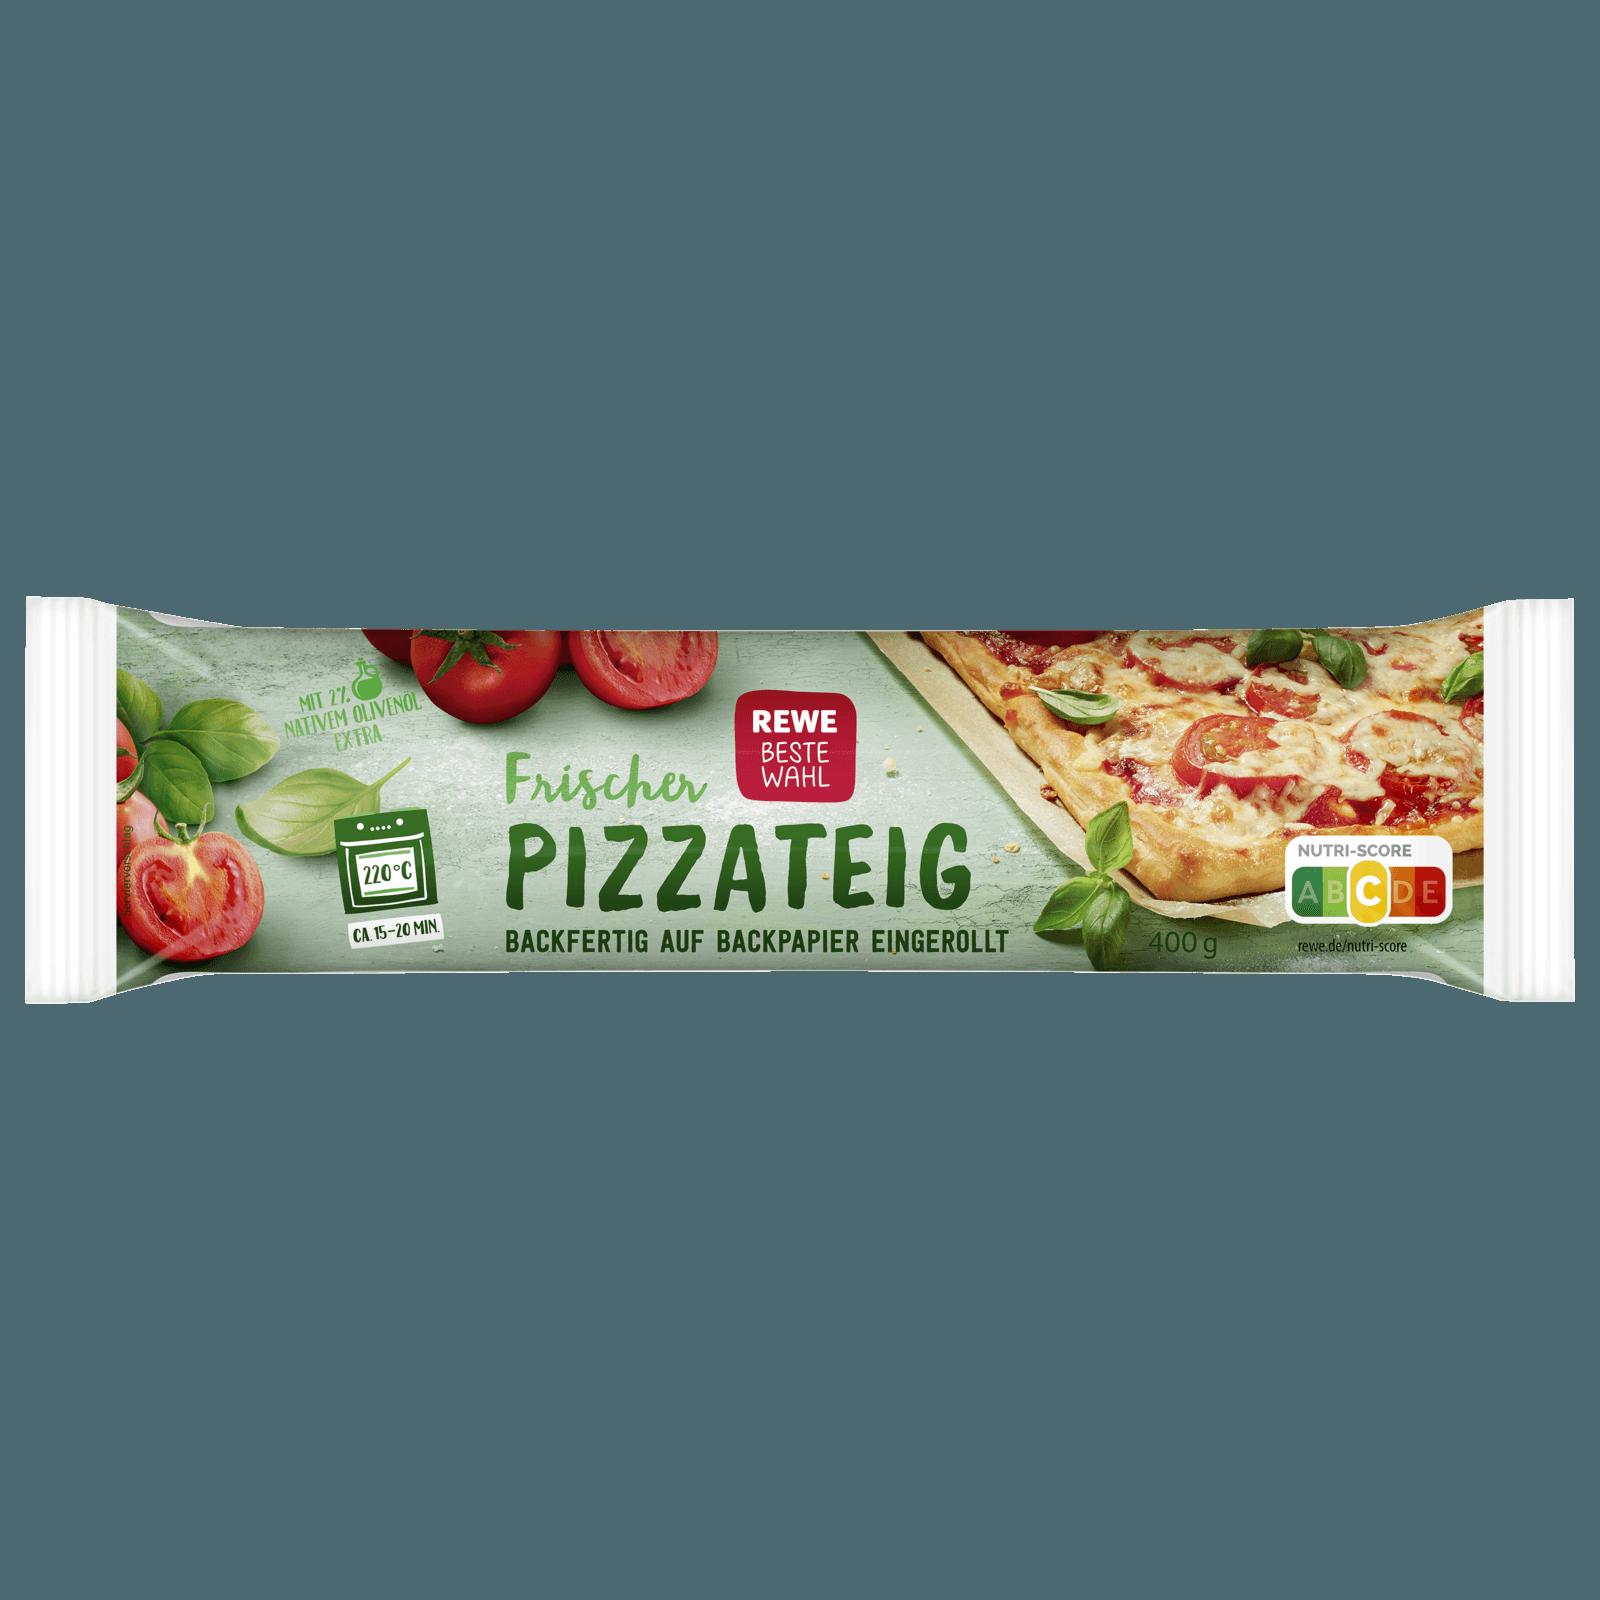 REWE Beste Wahl Frischer Pizzateig 400g bei REWE online